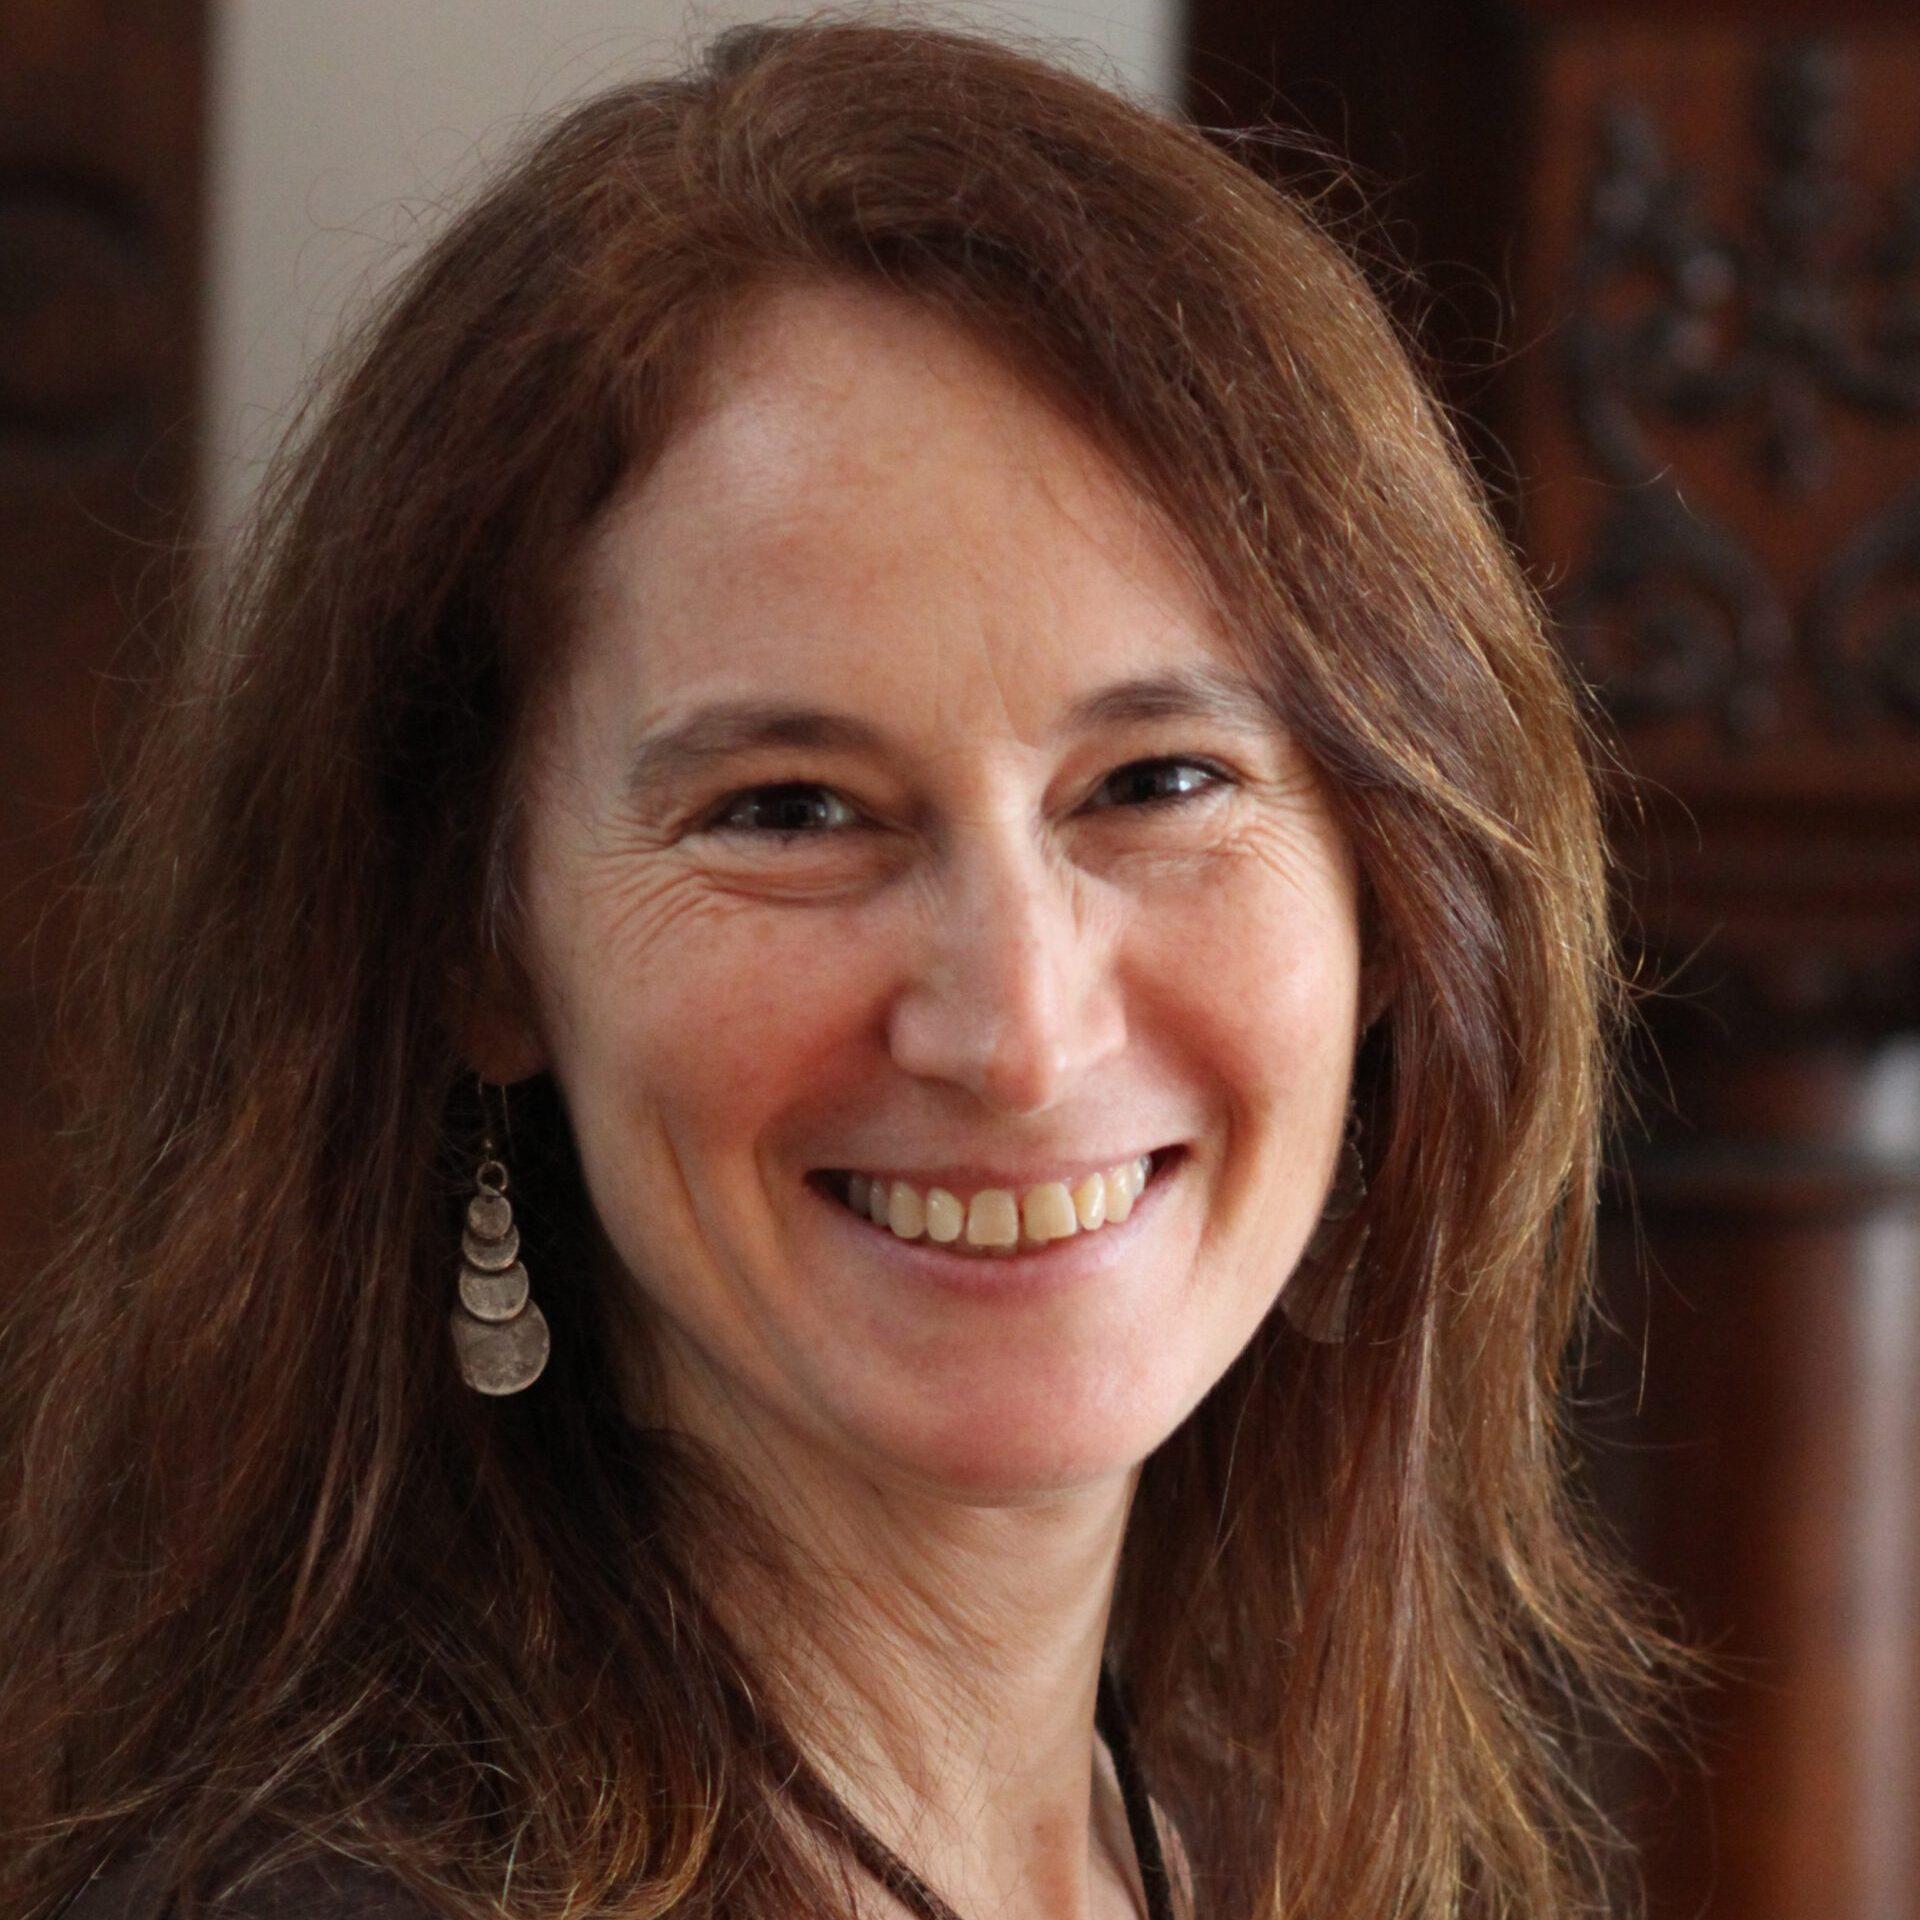 Rachel Heiman